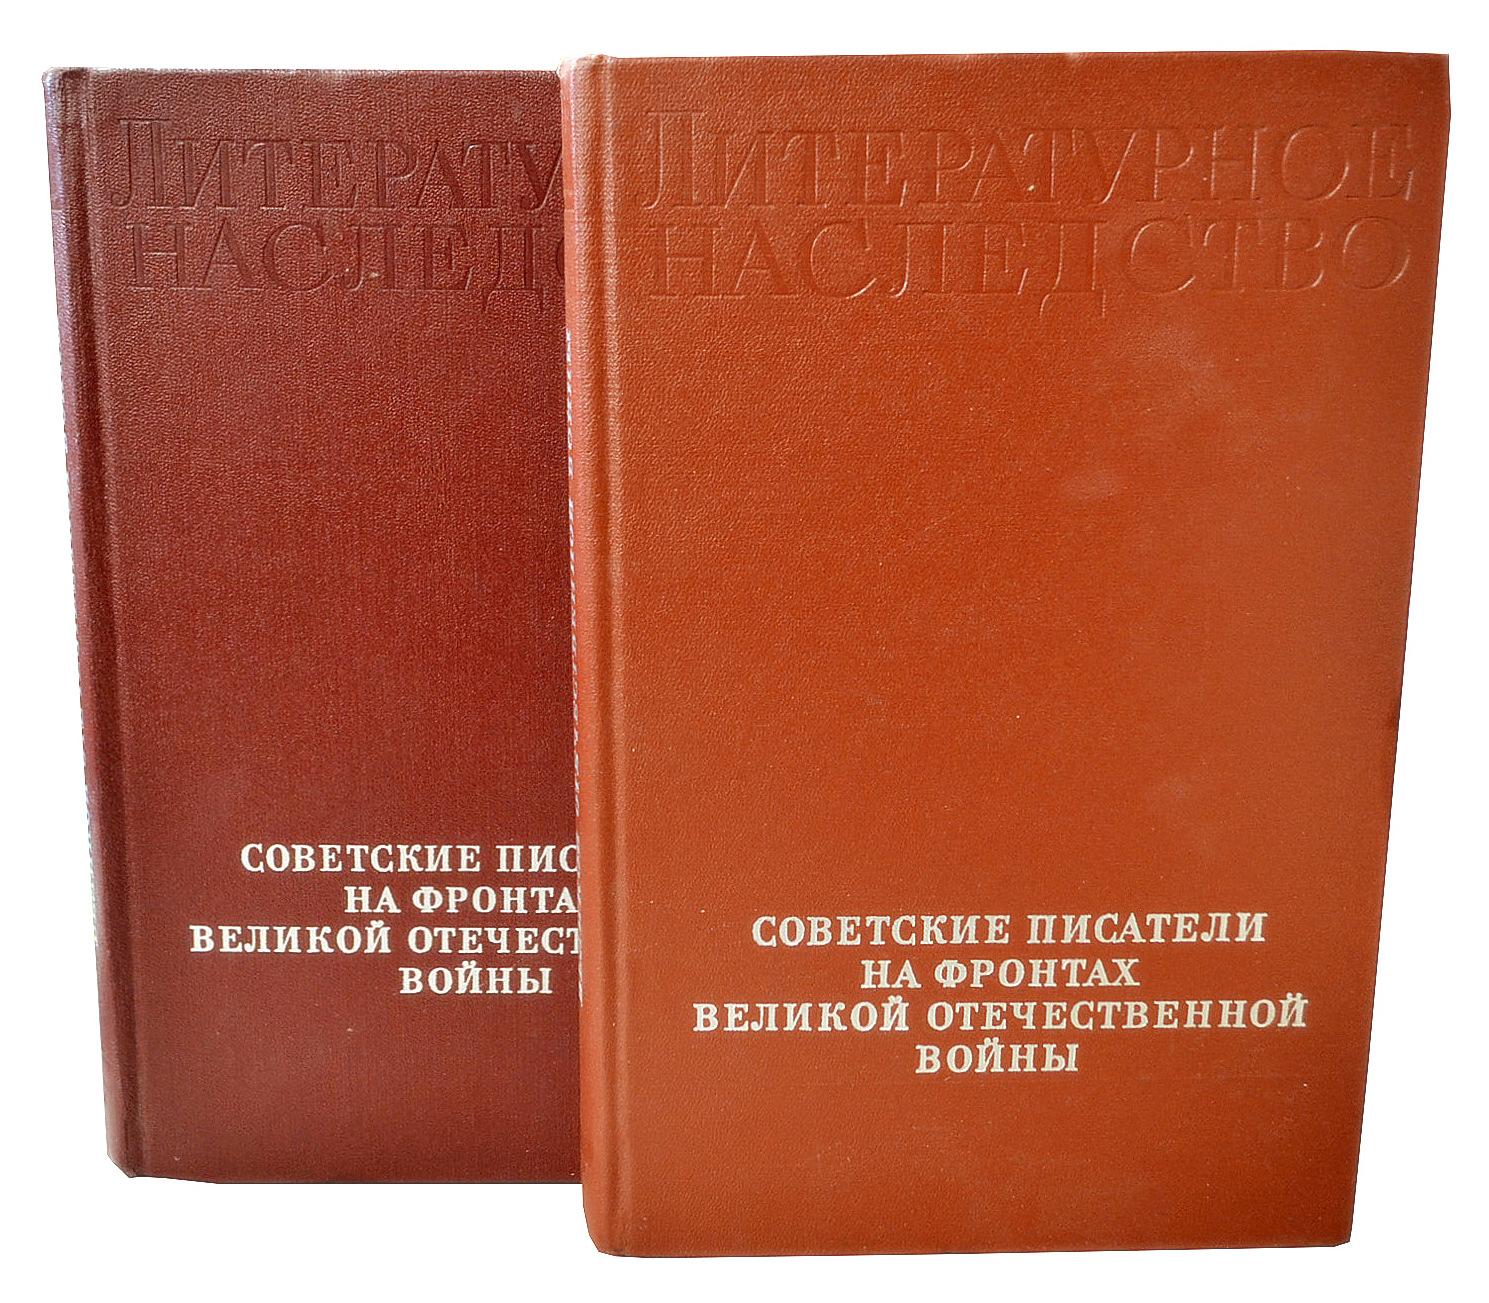 Анисимов И. Серия Советские писатели на фронтах Великой Отечественной войны (комплект из 2 книг) серия писатели о писателях комплект из 29 книг